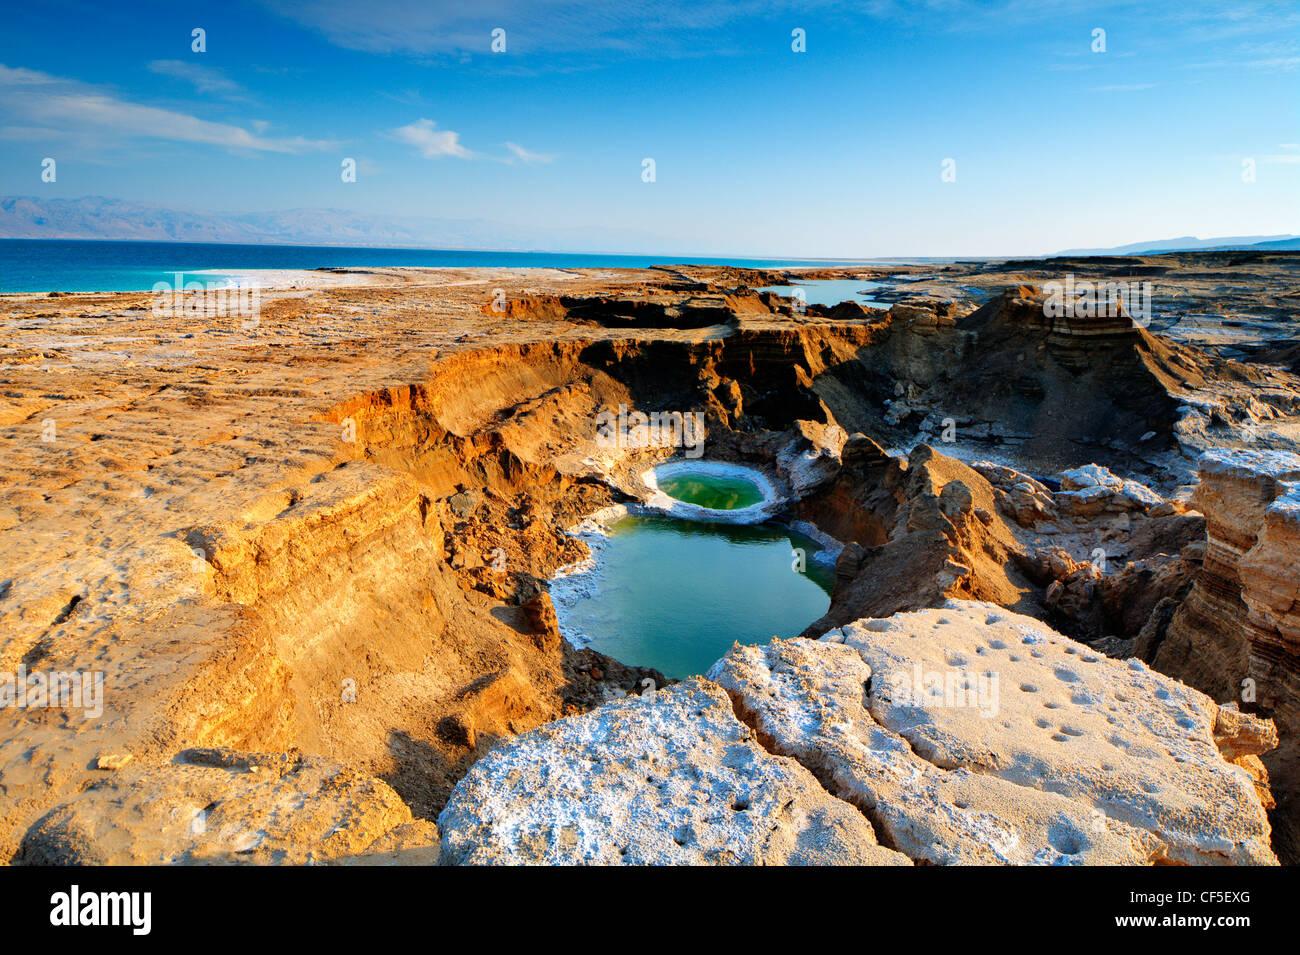 Löcher in der Nähe des Toten Meeres in Ein Gedi, Israel zu versenken. Stockfoto